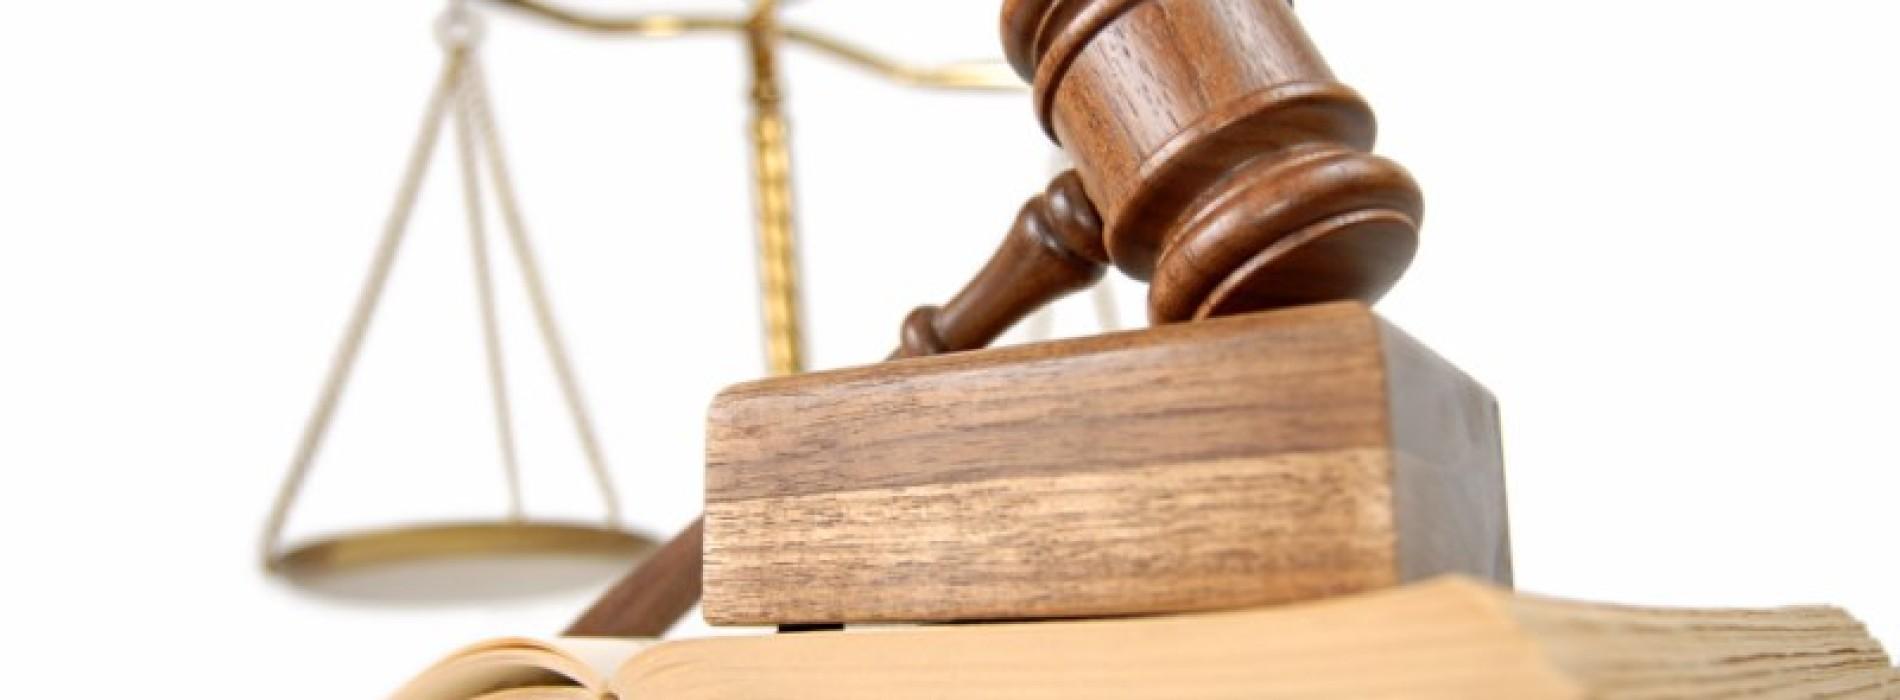 Kiedy poszkodowany powinien zjawić się w sądzie?